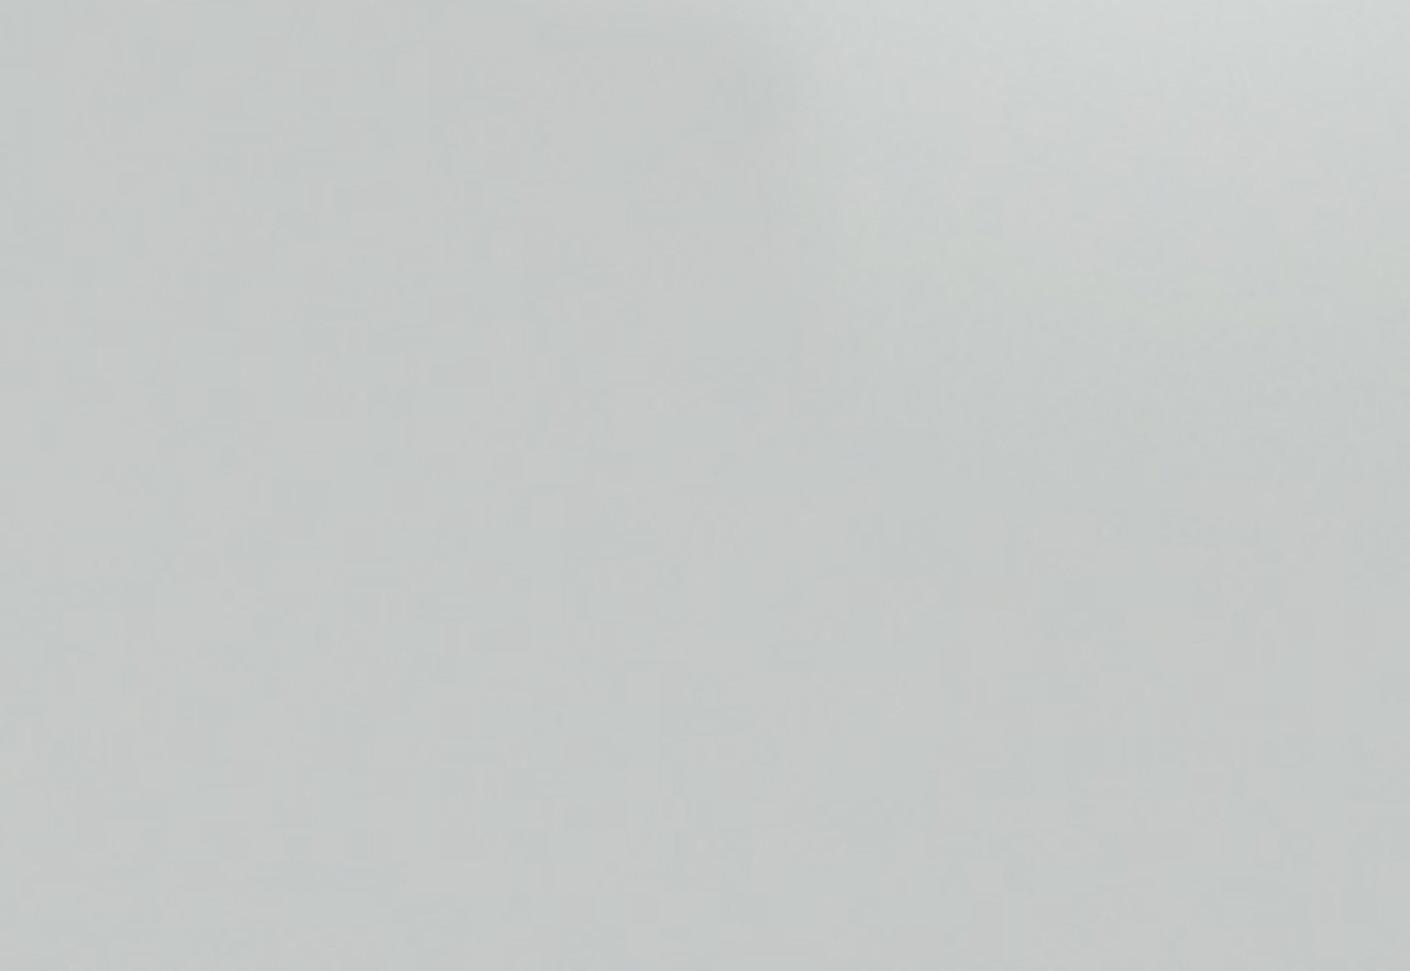 Magnetic board 8208 light grey glossy boardmarker by